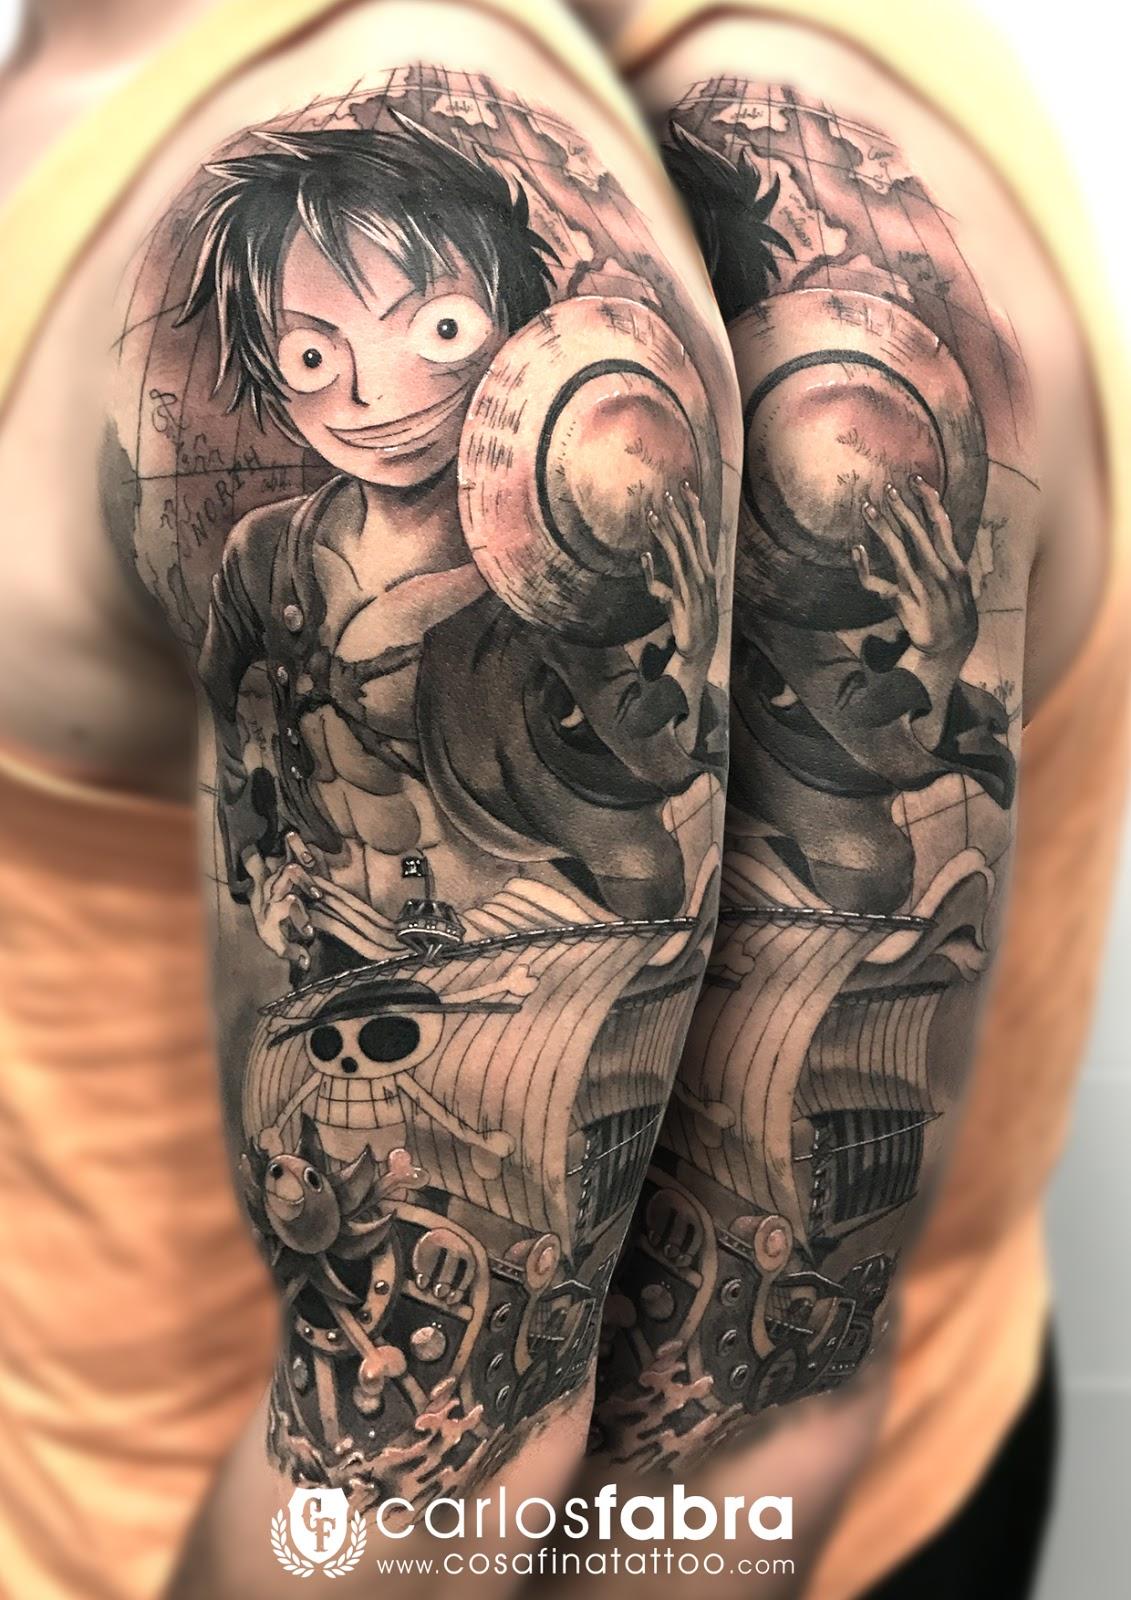 Cosafina Tattoo Carlos Art Studio Tatuaje Tatuajes Tattoo Tattoos